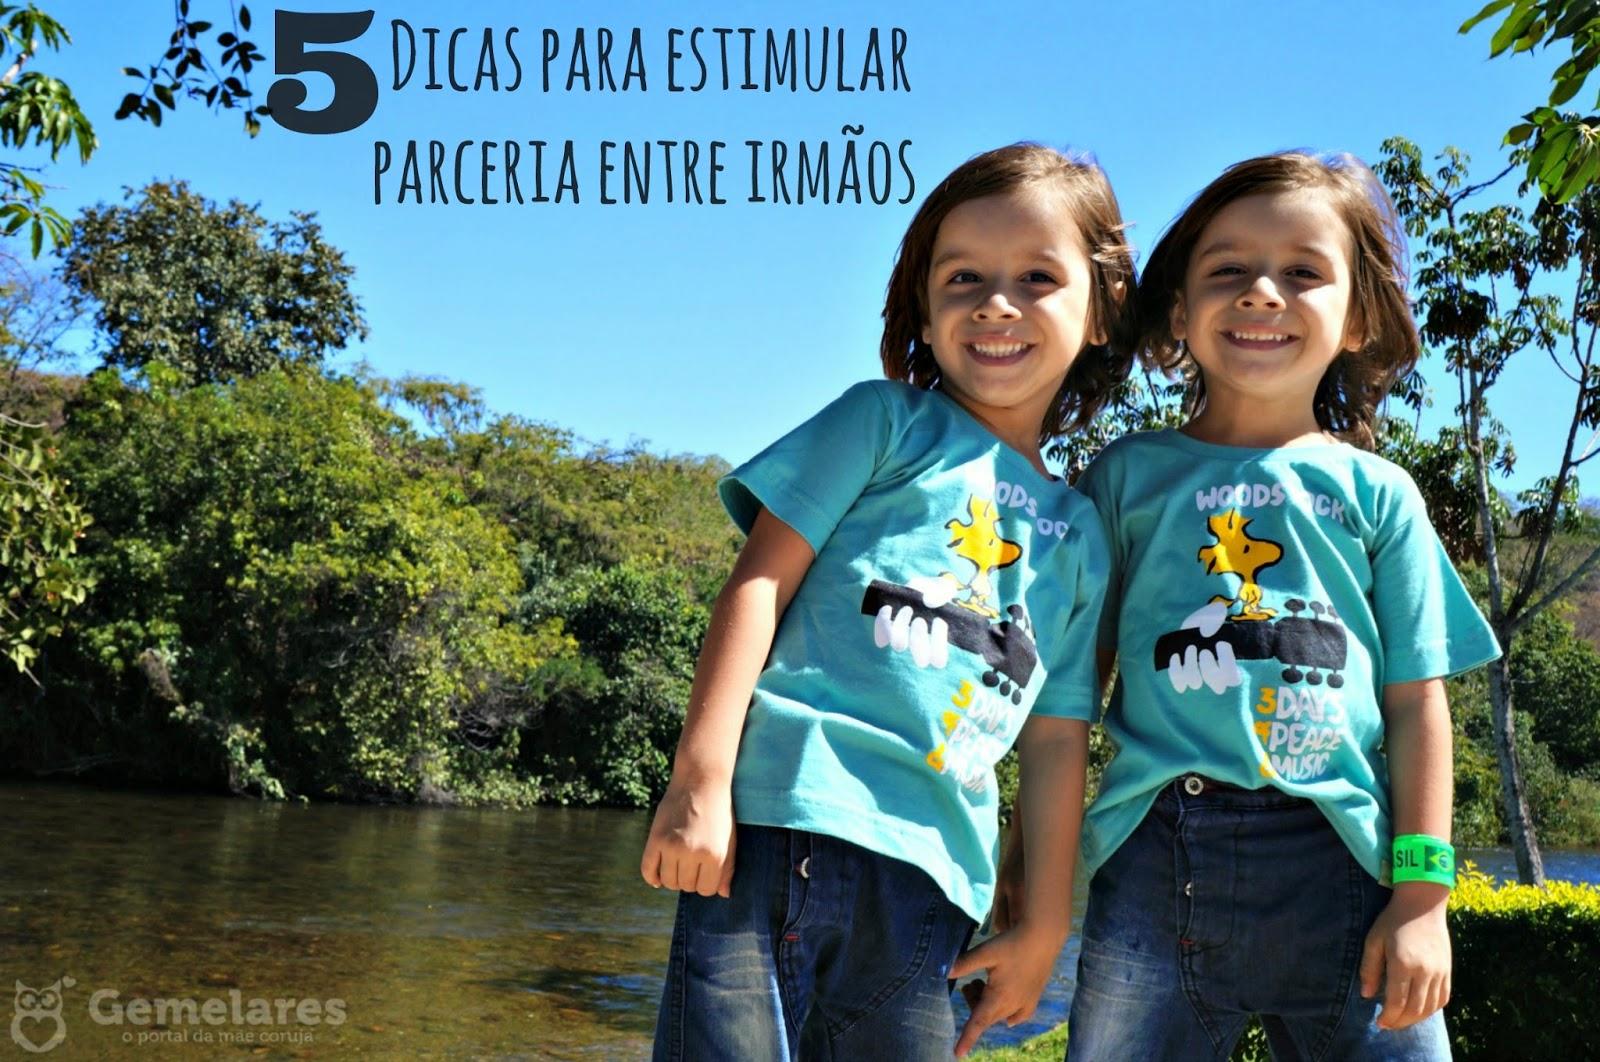 5 Dicas para estimular parceria entre irmãos